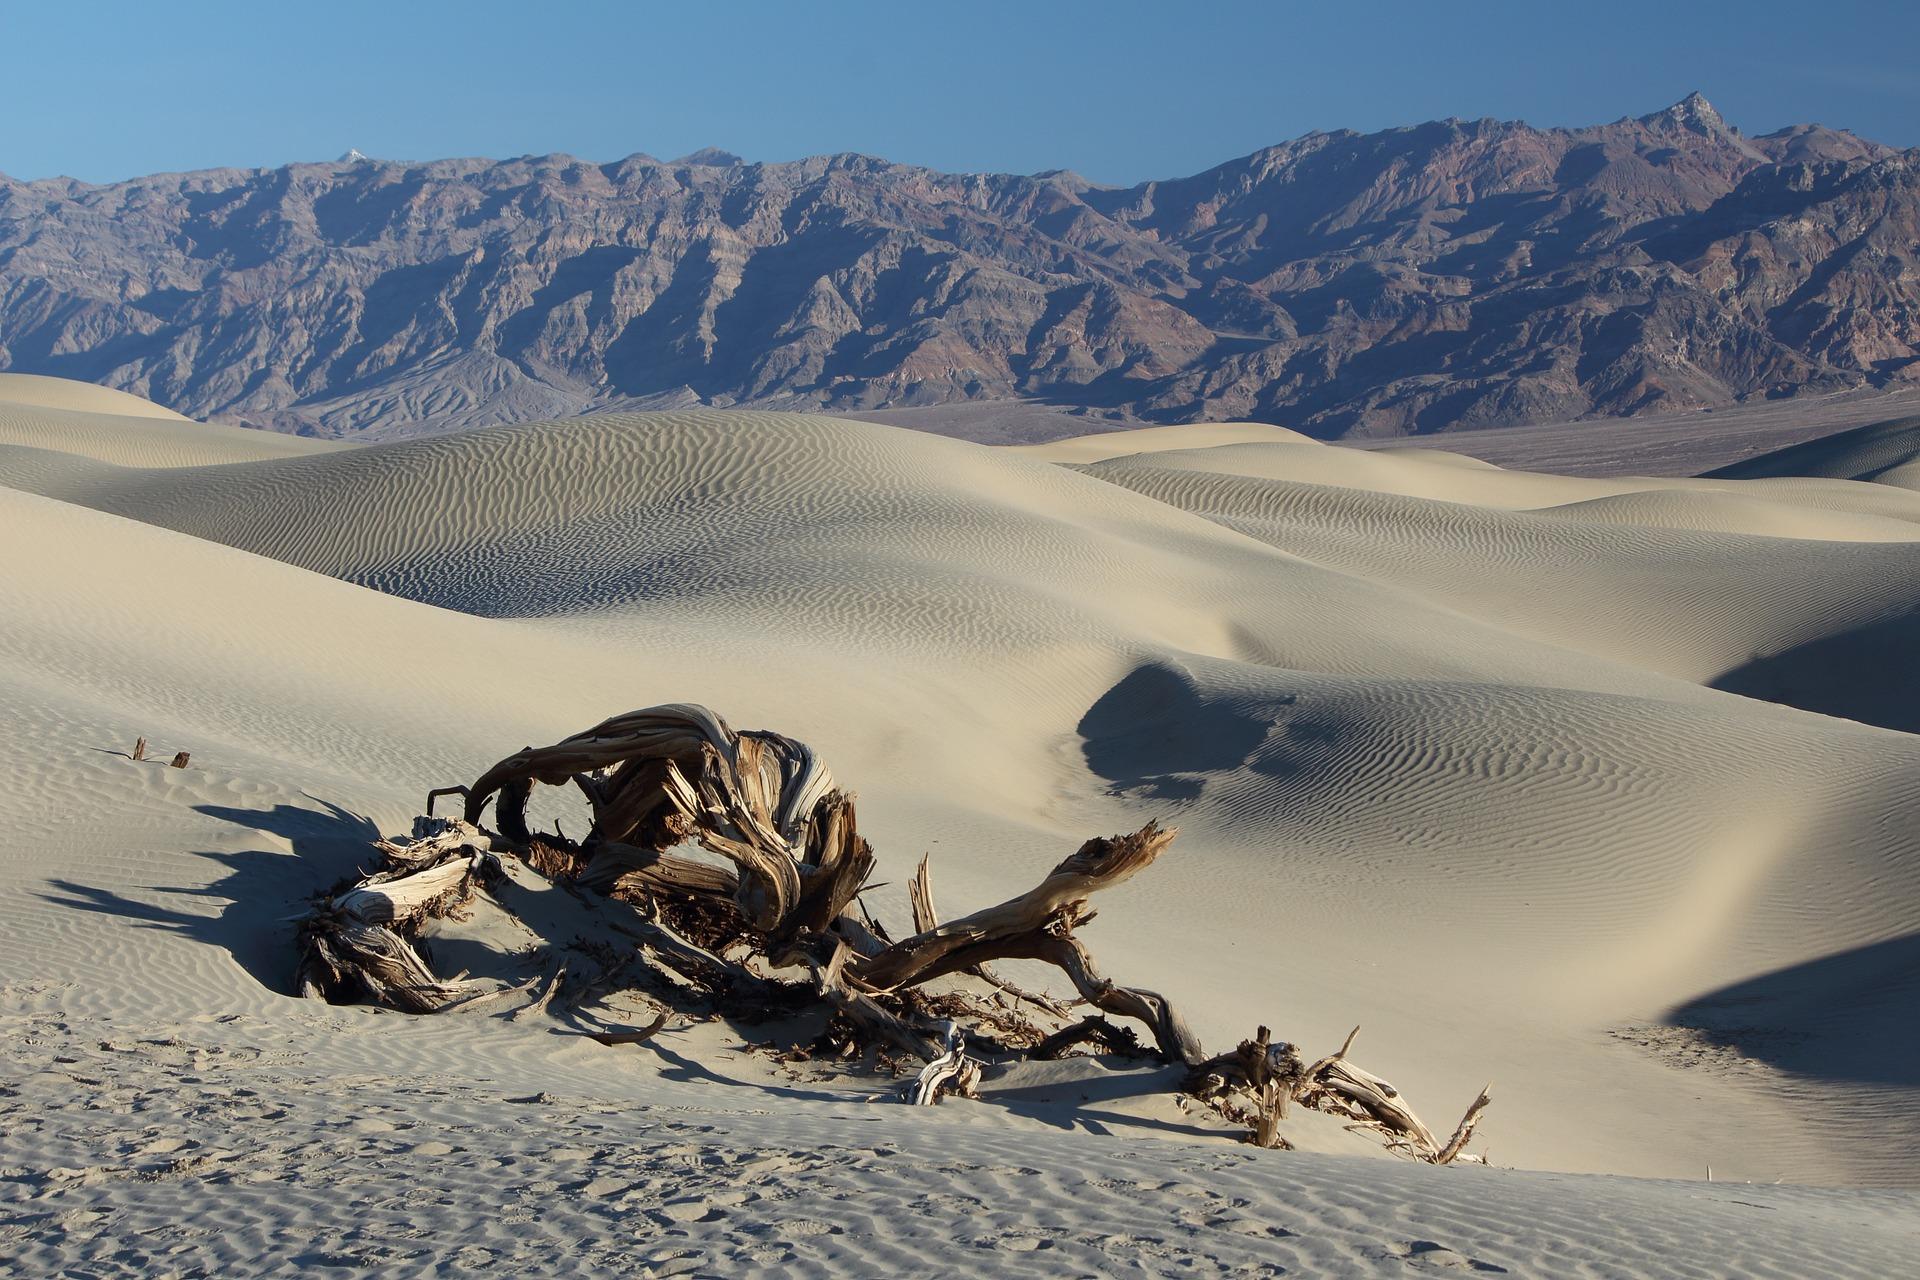 desert-1443127_1920.jpg